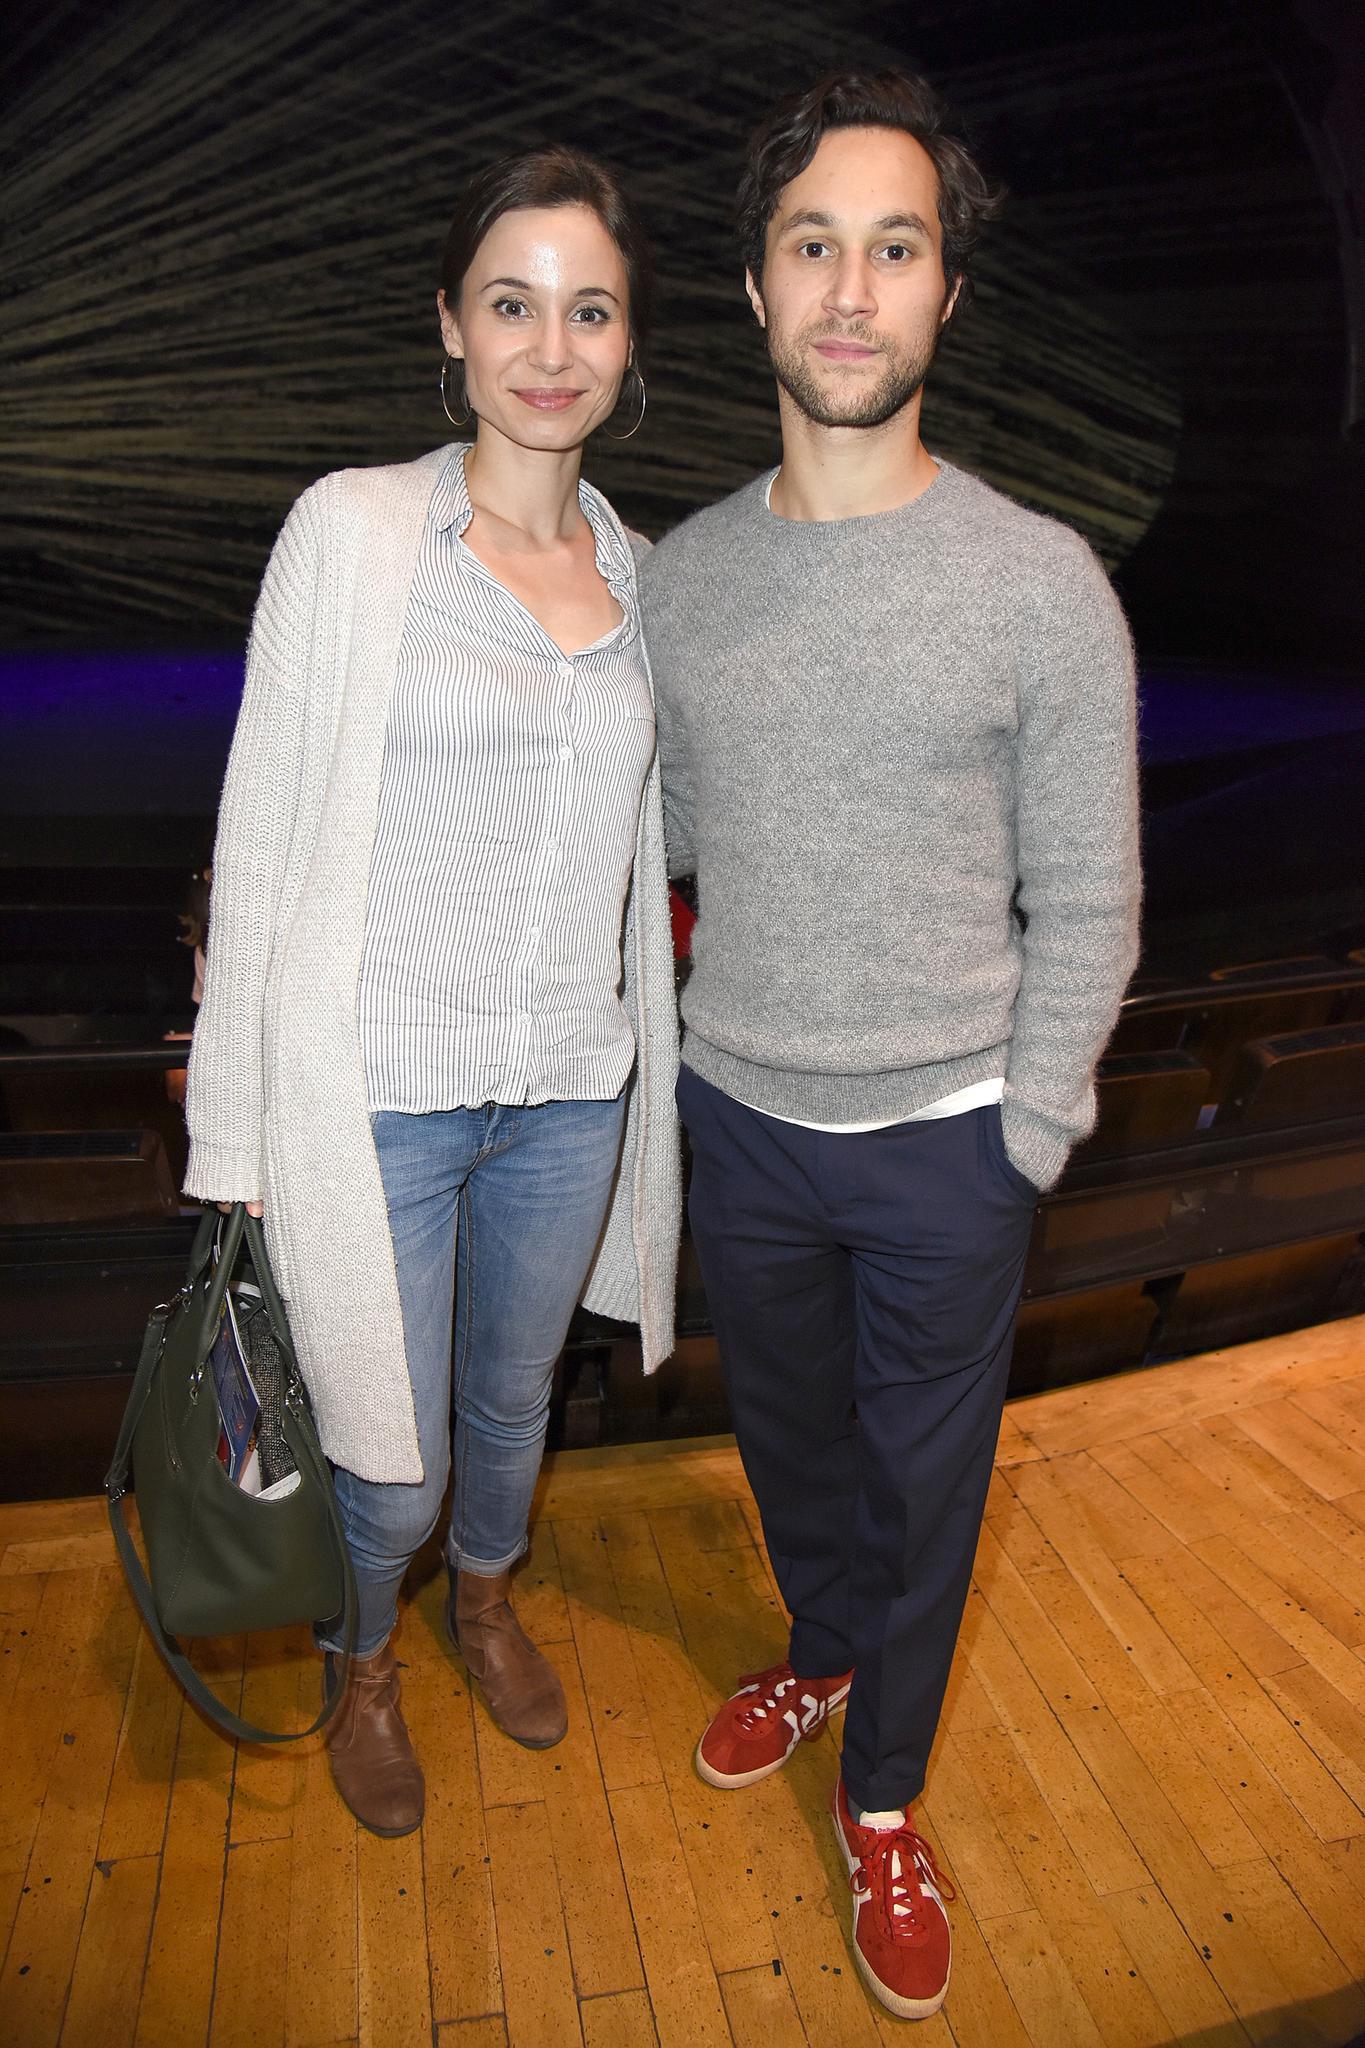 Schauspieler Ludwig Trepte und seine Frau Deborah haben einen kleinen Sohn bekommen